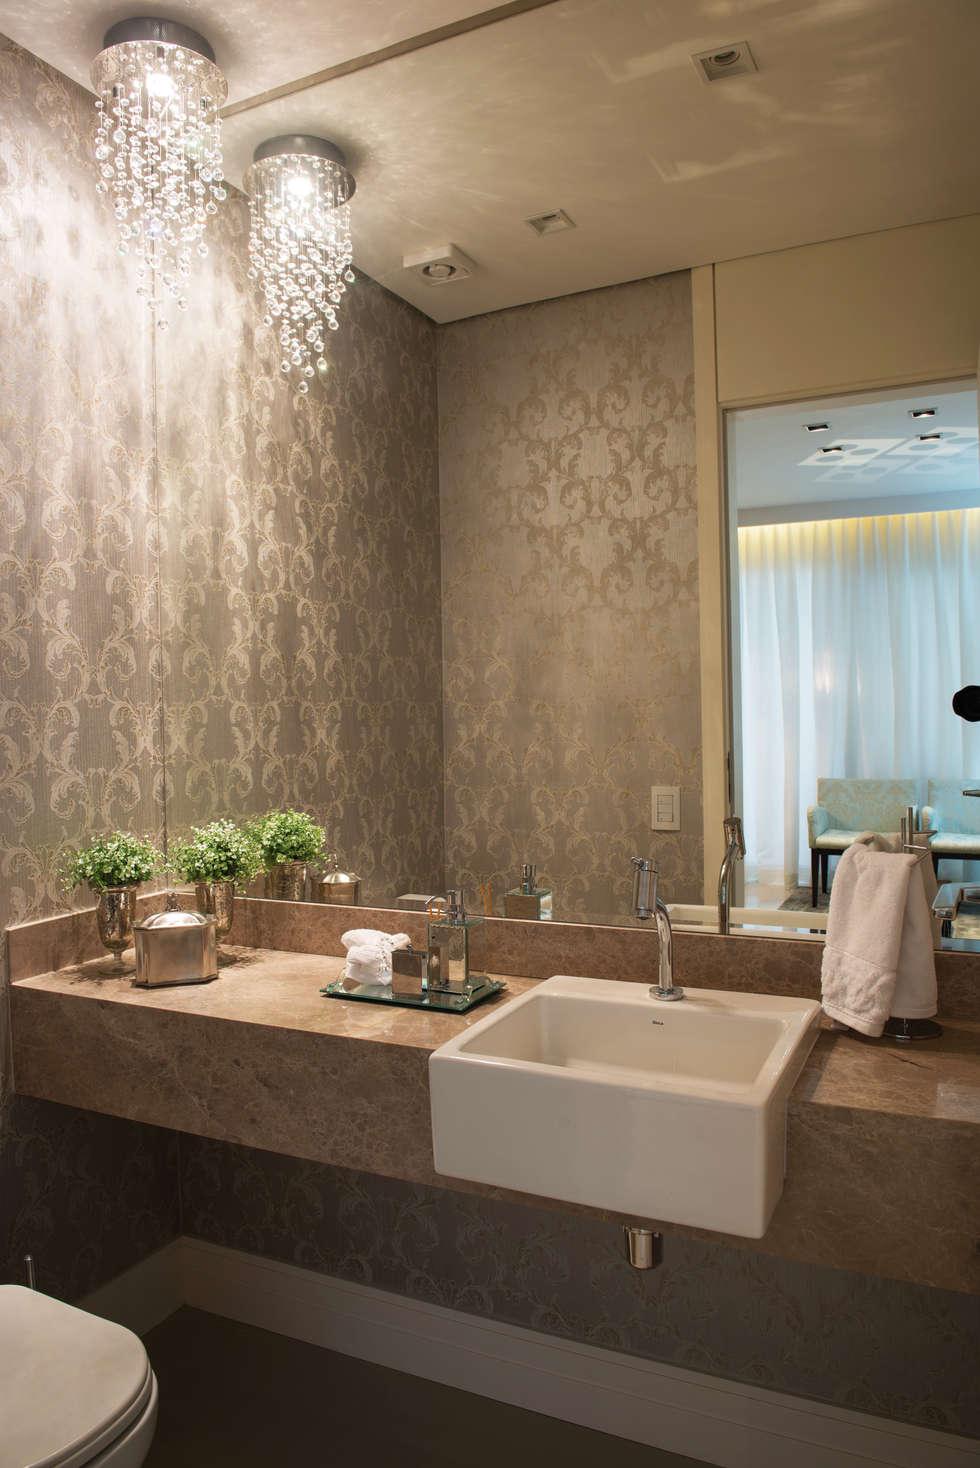 Fotos de decora o design de interiores e reformas homify for Fotos lavabos